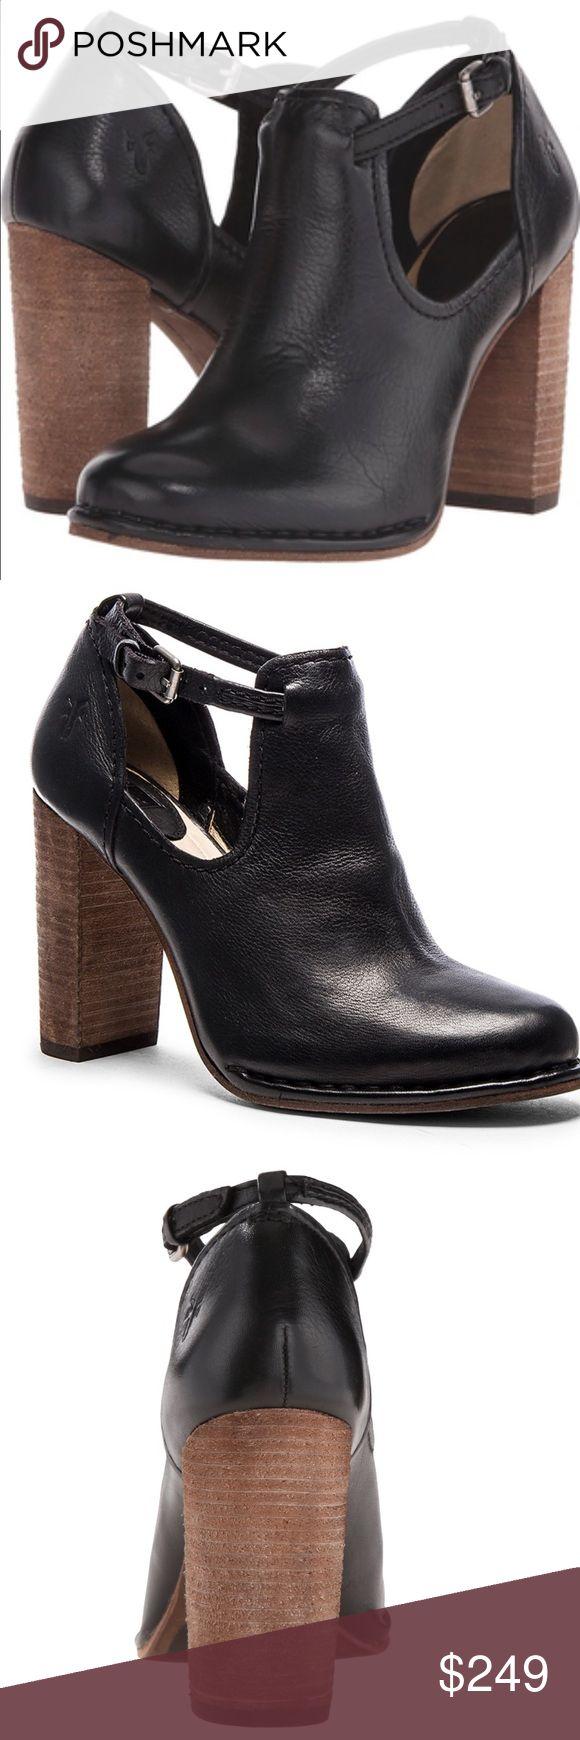 8 besten cipőcske Bilder auf Pinterest | Cowboystiefel ...